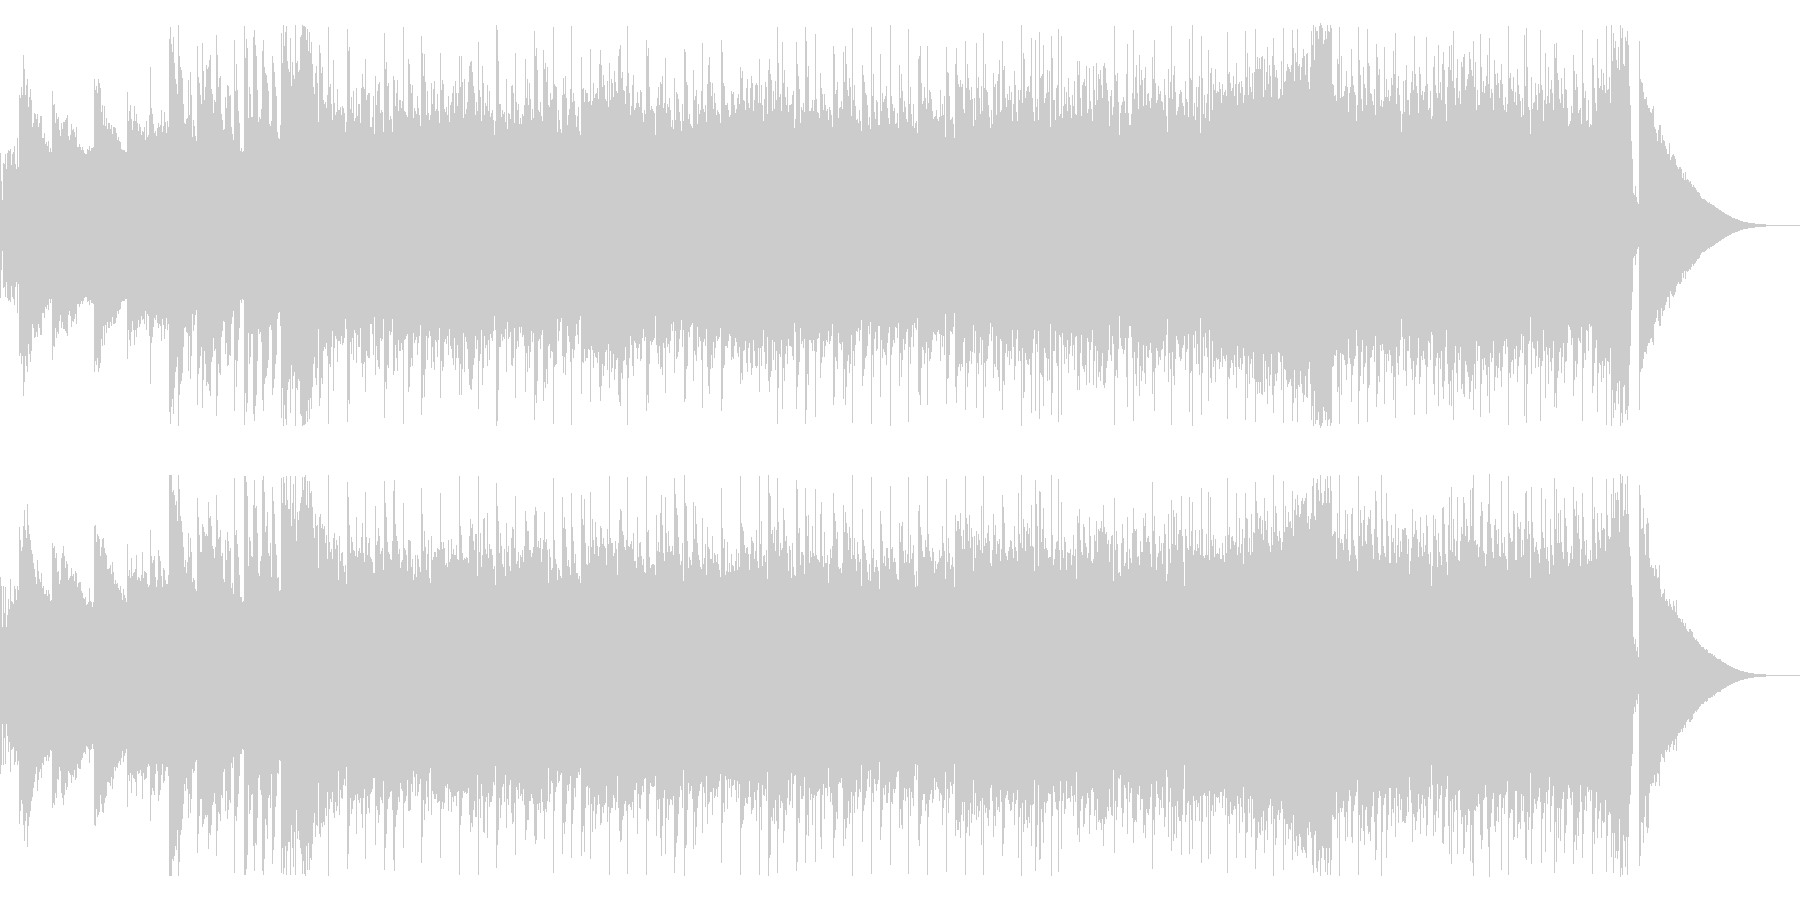 明朗でダイナミックなBGMの未再生の波形